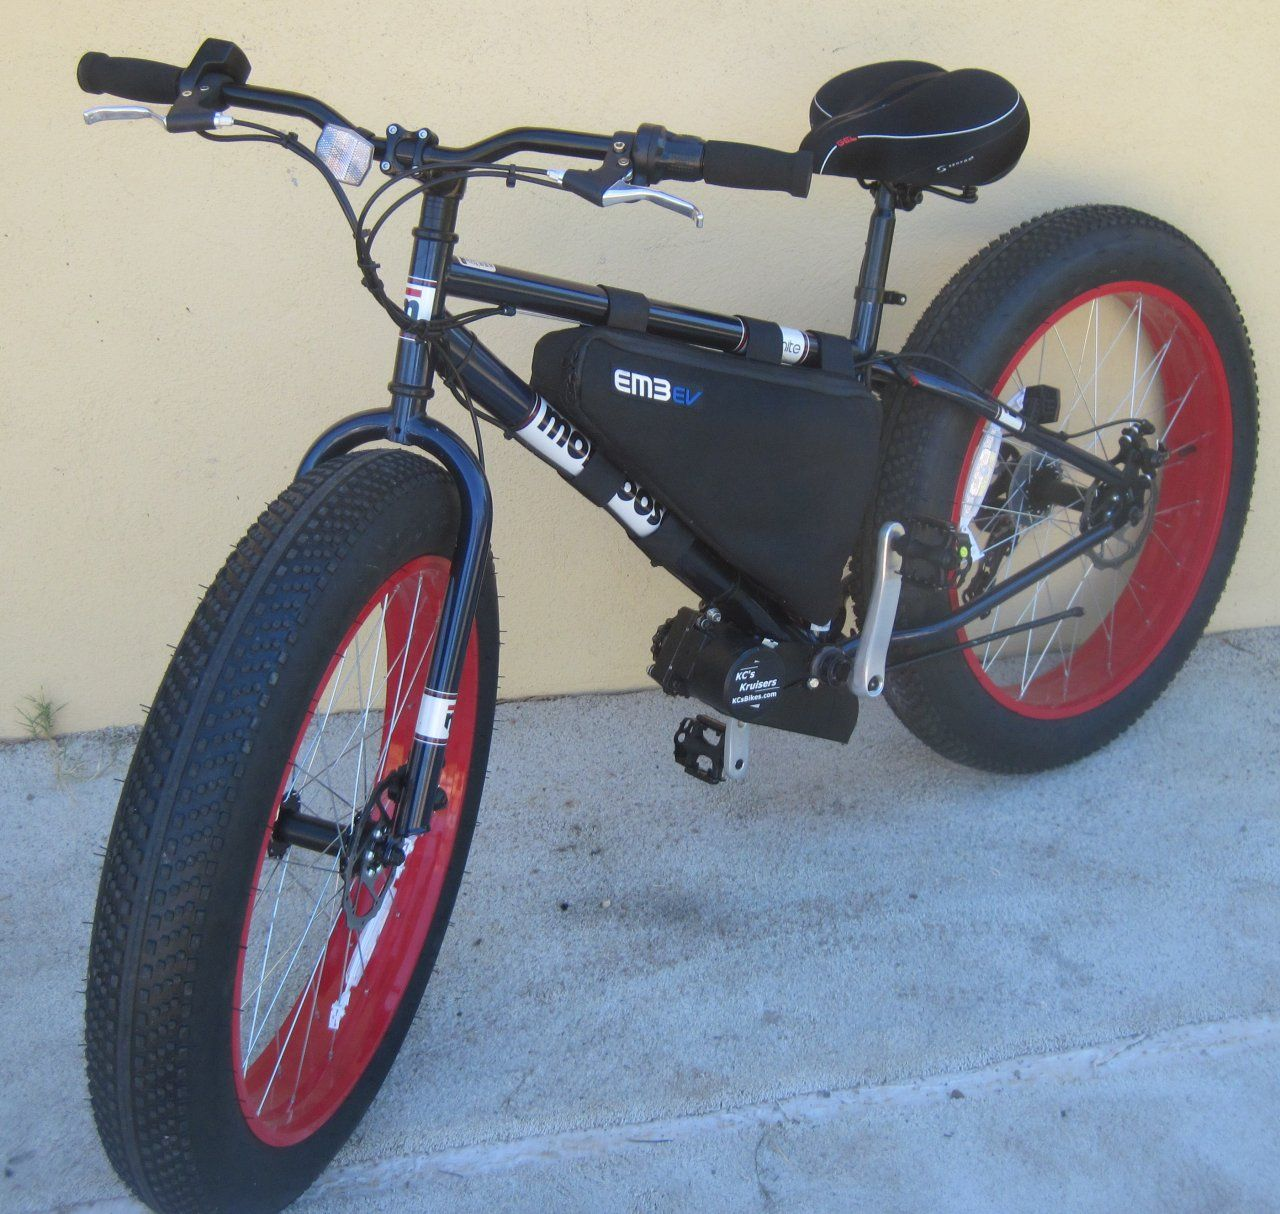 2 Mongoosefatfl 1280 Jpg 1280 1214 Bicycle Mongoose Bike